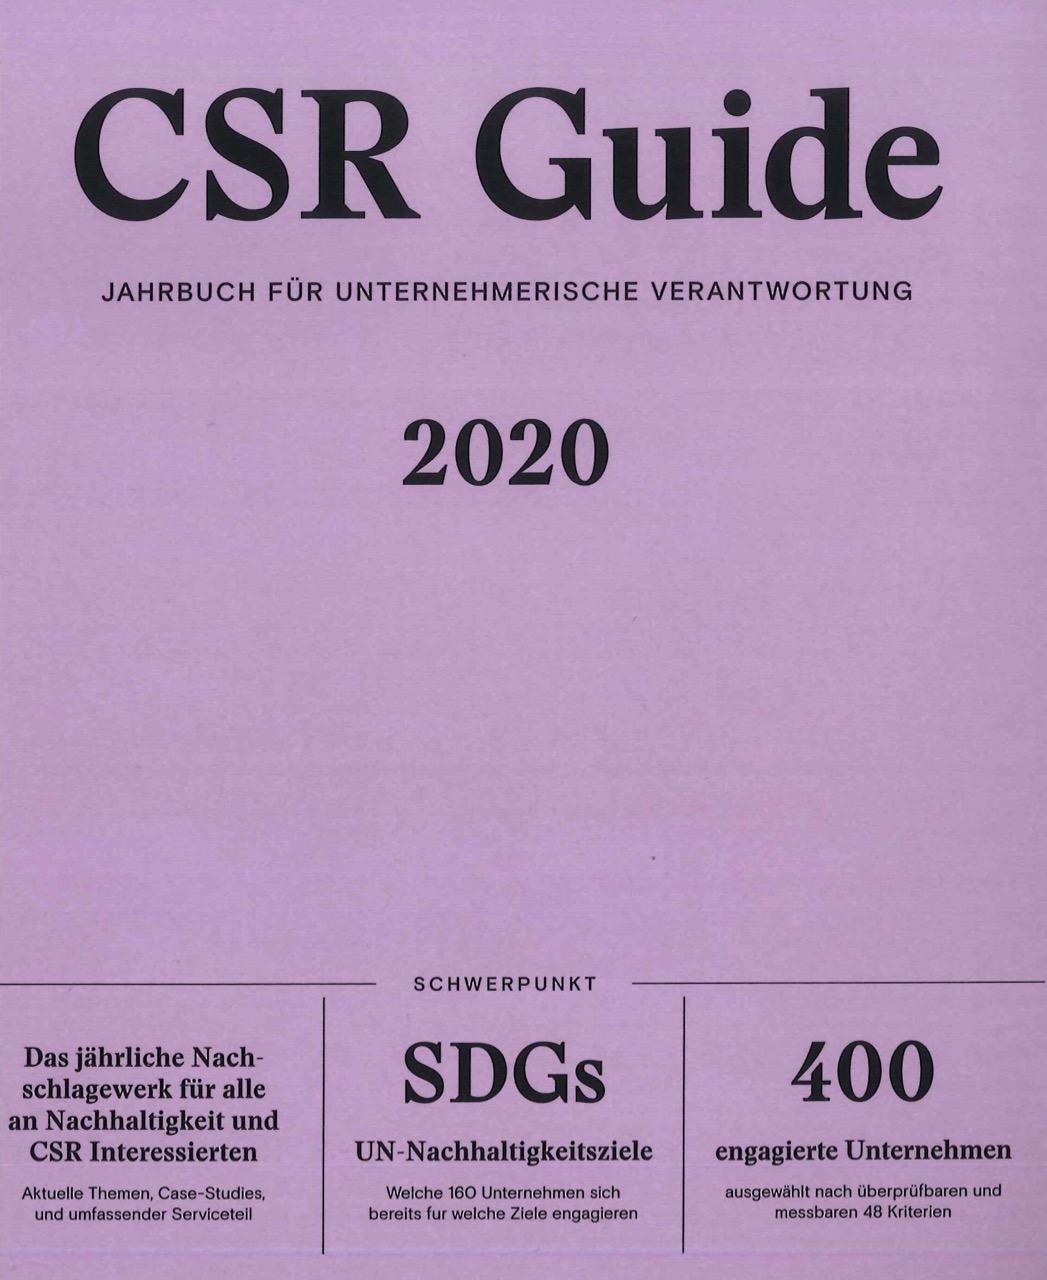 BioBalkan im CSR Guide 2020, dem Jahrbuch für unternehmerische Verantwortung